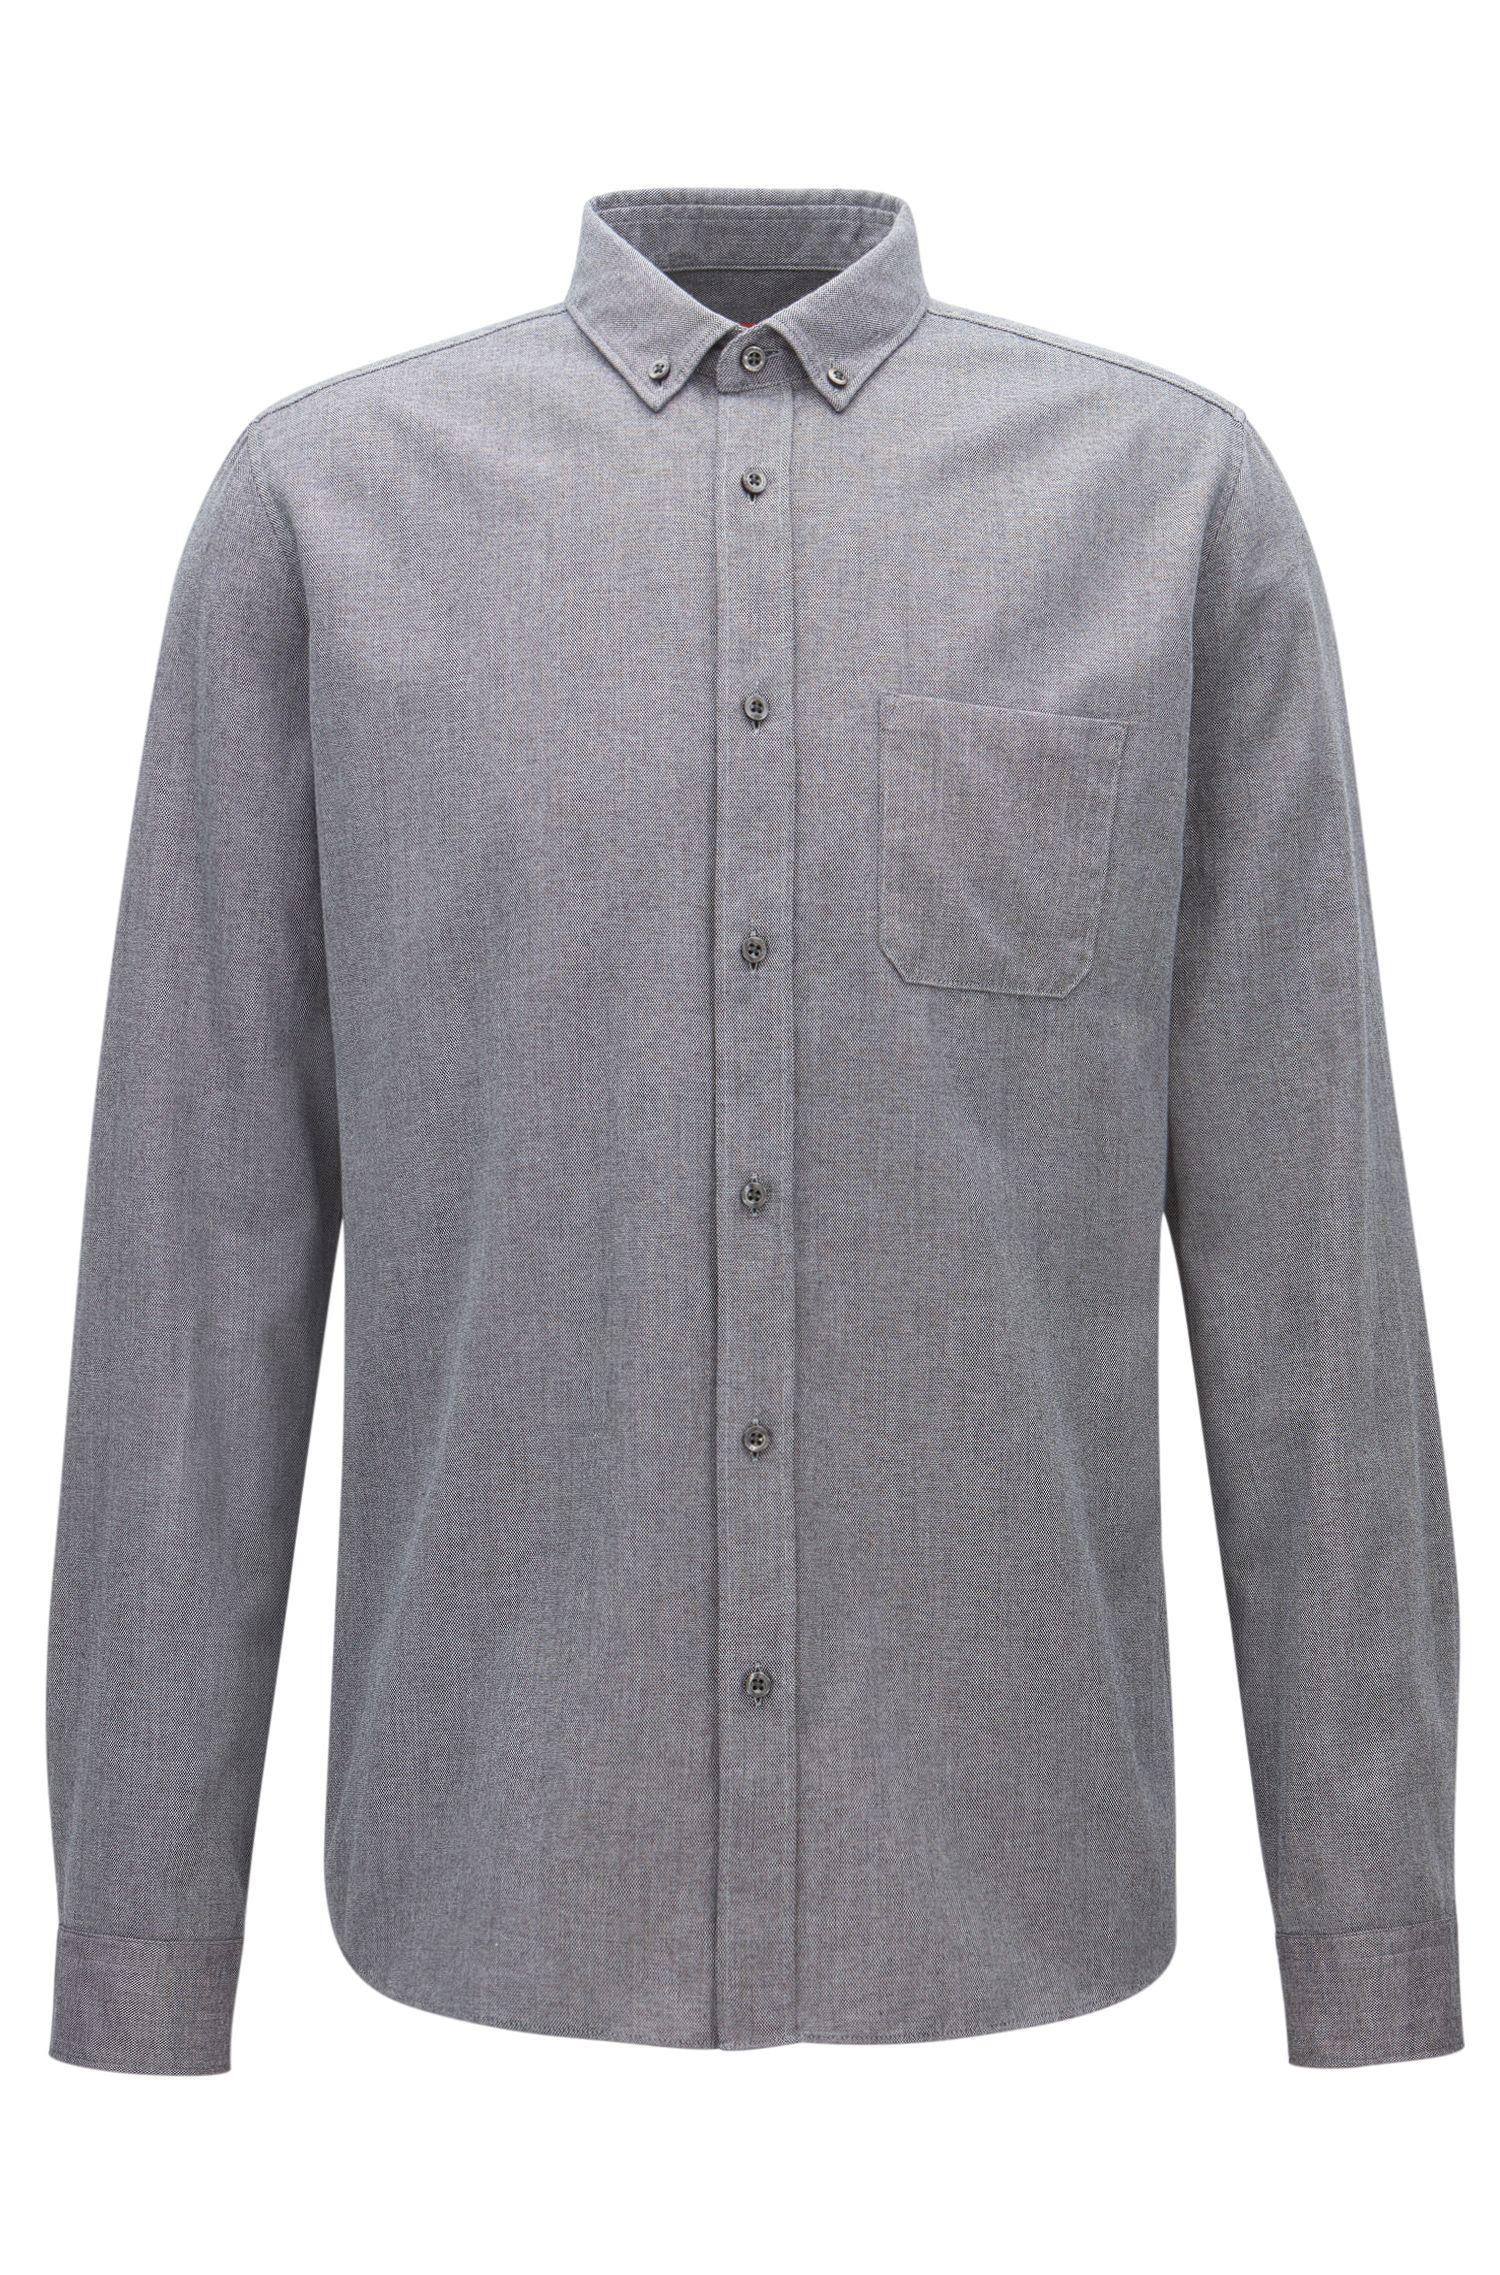 Relaxed-Fit Hemd aus mittelschwerem Cord